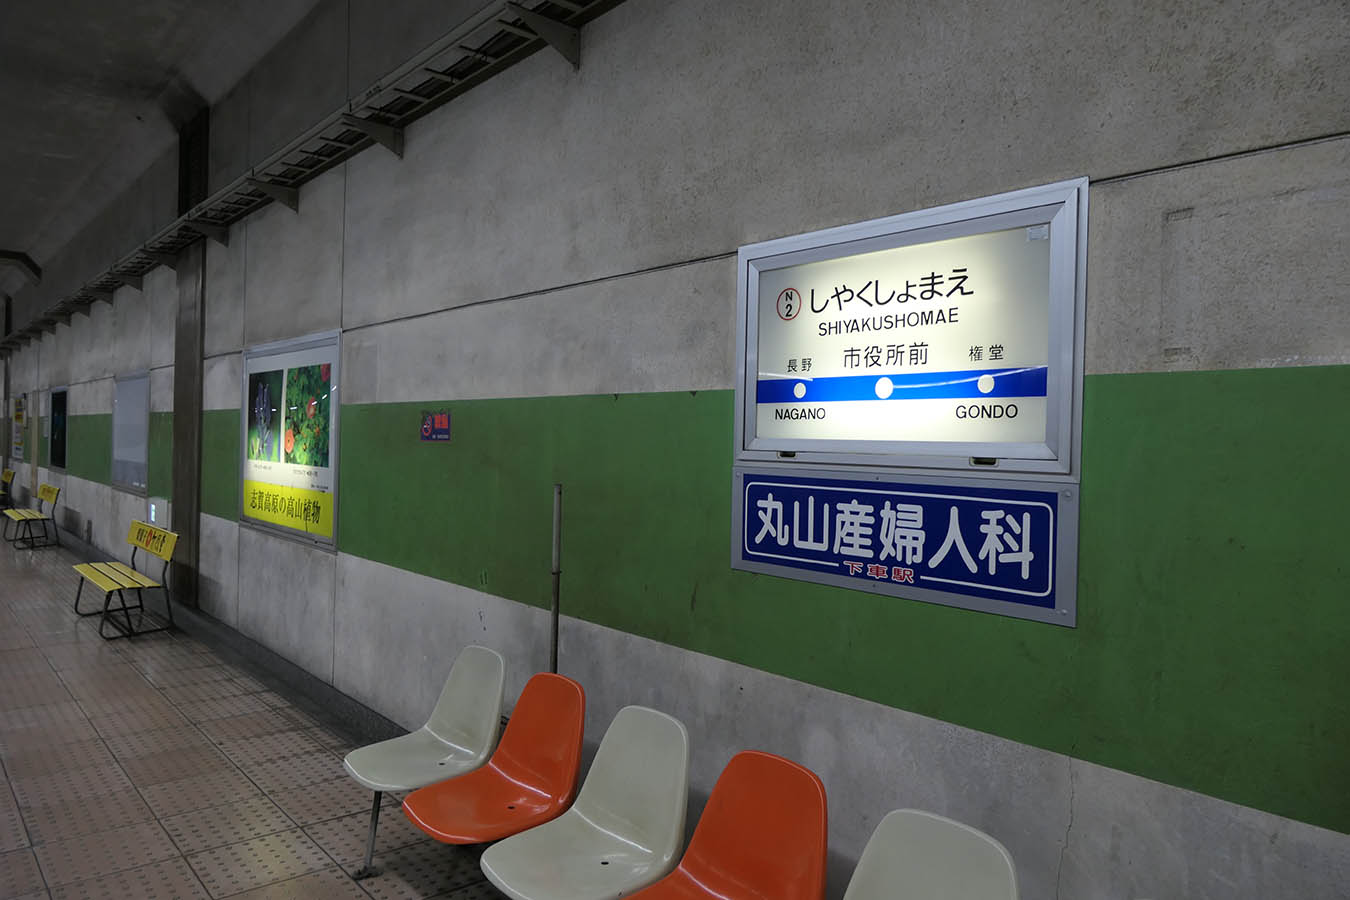 nagano-n2_photo01.jpg